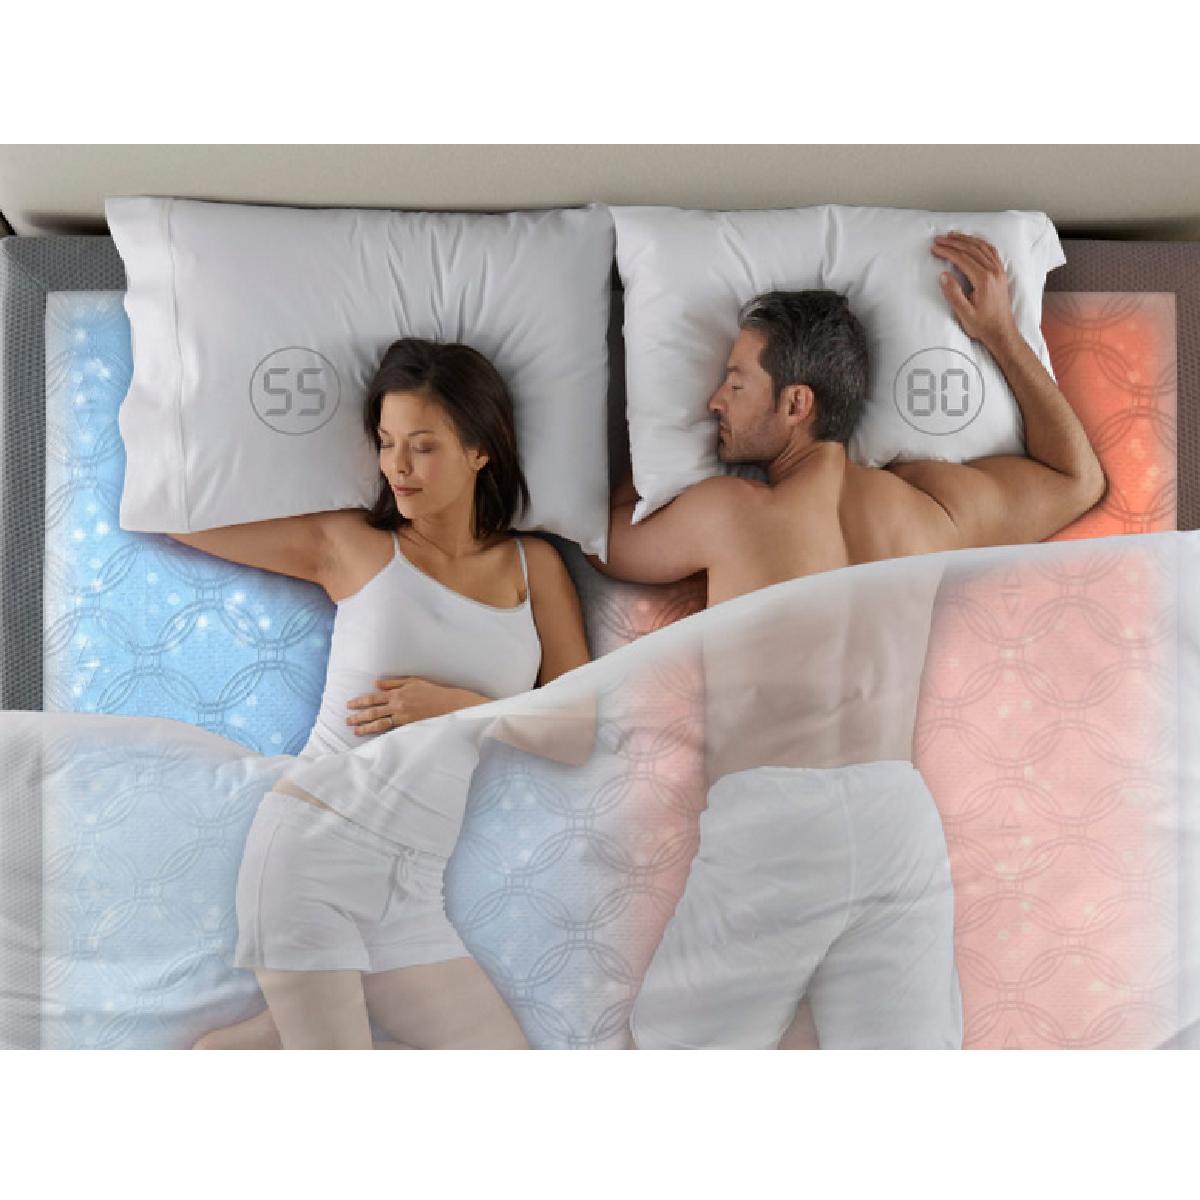 Cadeaux 2 ouf id es de cadeaux insolites et originaux - Quel matelas choisir pour bien dormir ...